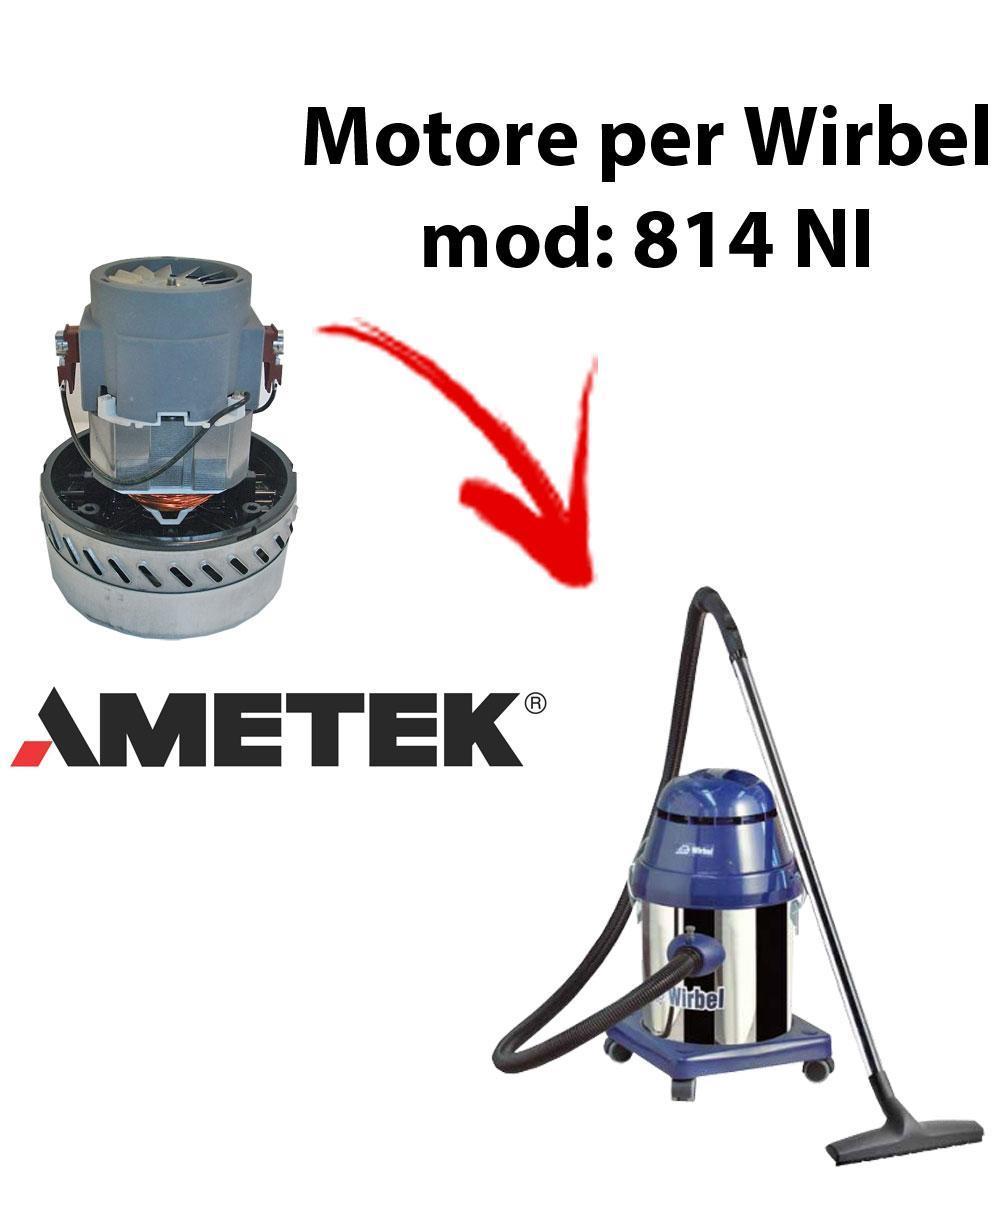 814 NI  Motore de aspiración AMETEK para aspiradora y aspiradora húmeda WIRBEL